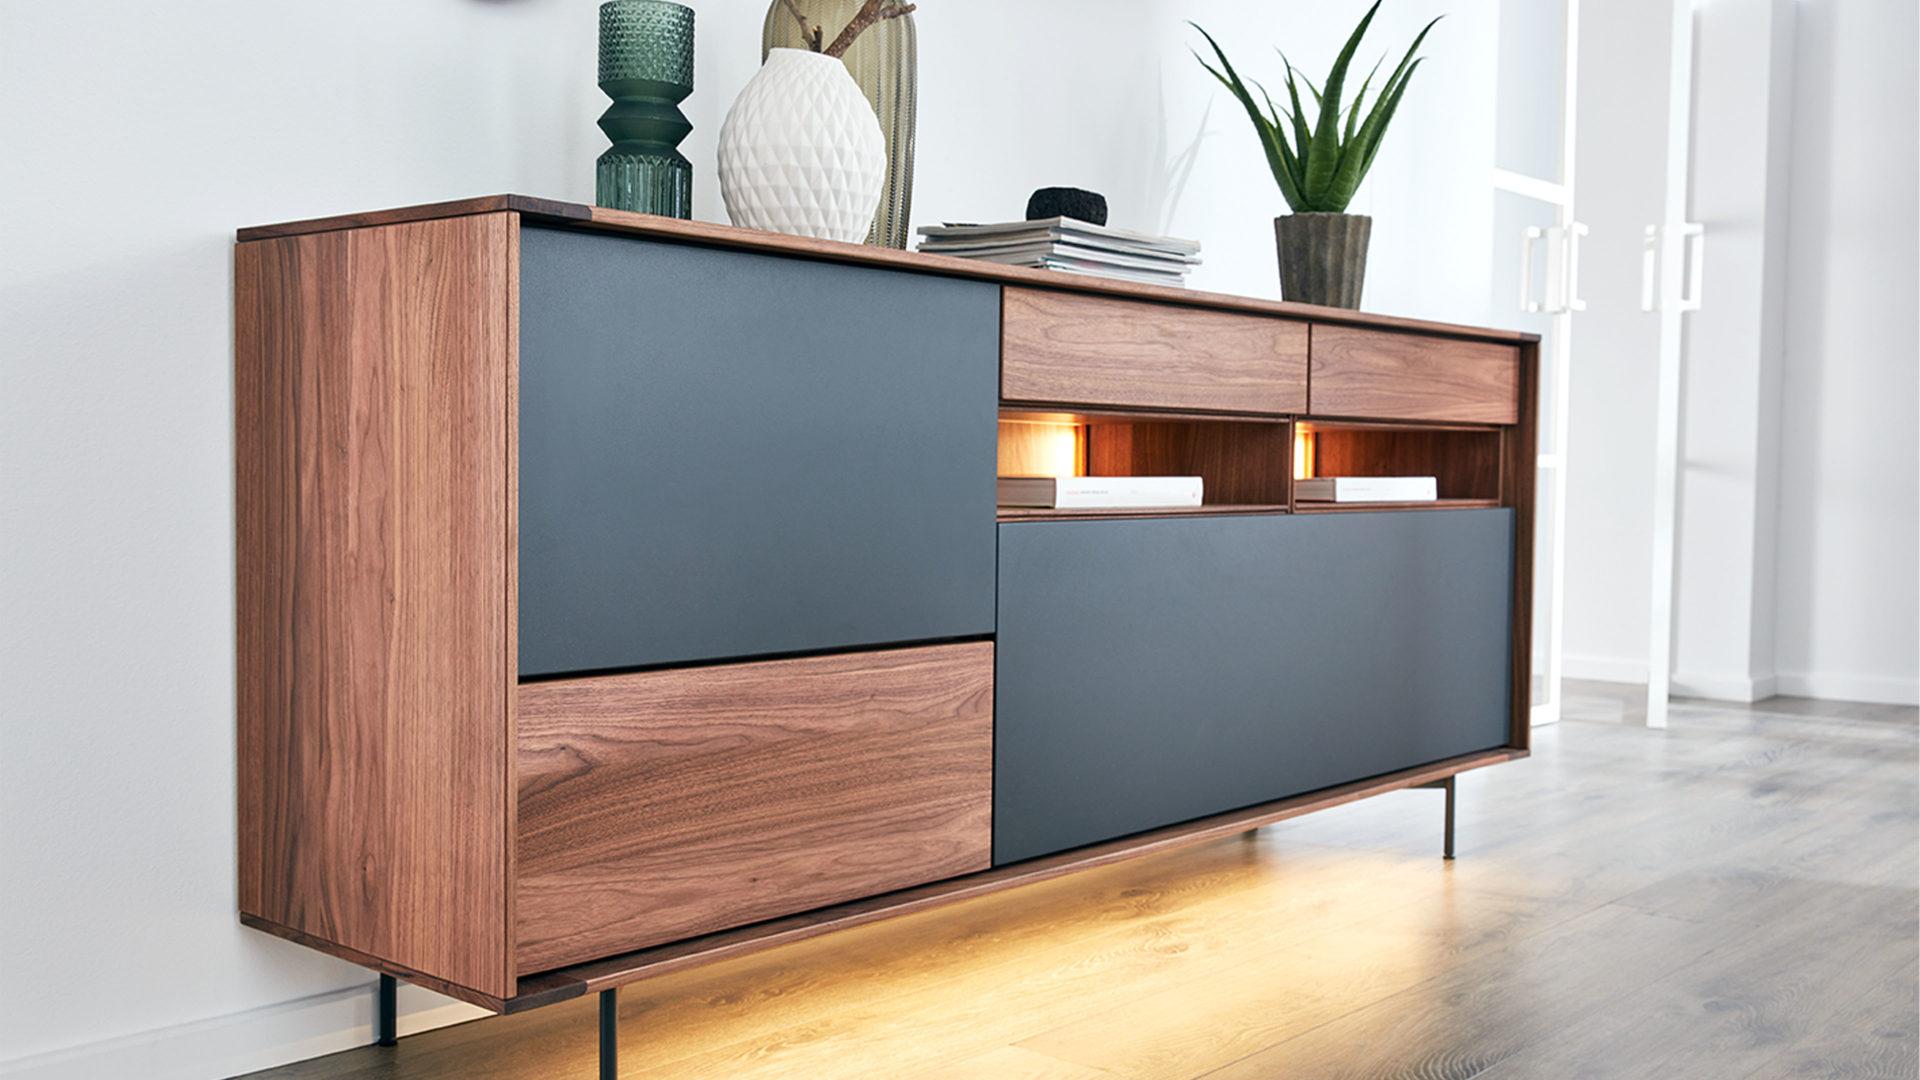 Interliving Esszimmer Serie 5602 Sideboard Colorado Nussbaum